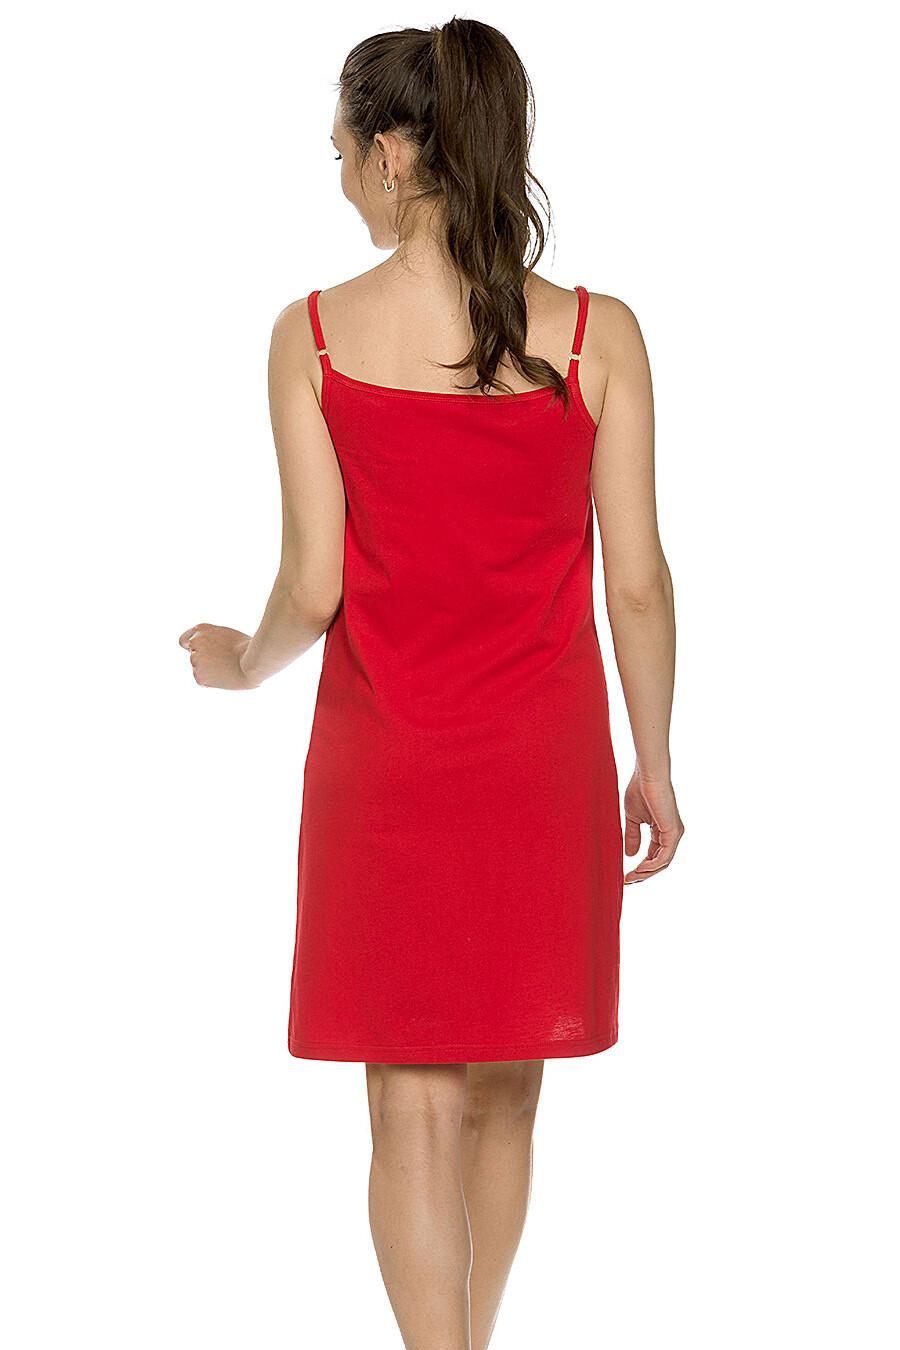 Платье для женщин PELICAN 146758 купить оптом от производителя. Совместная покупка женской одежды в OptMoyo